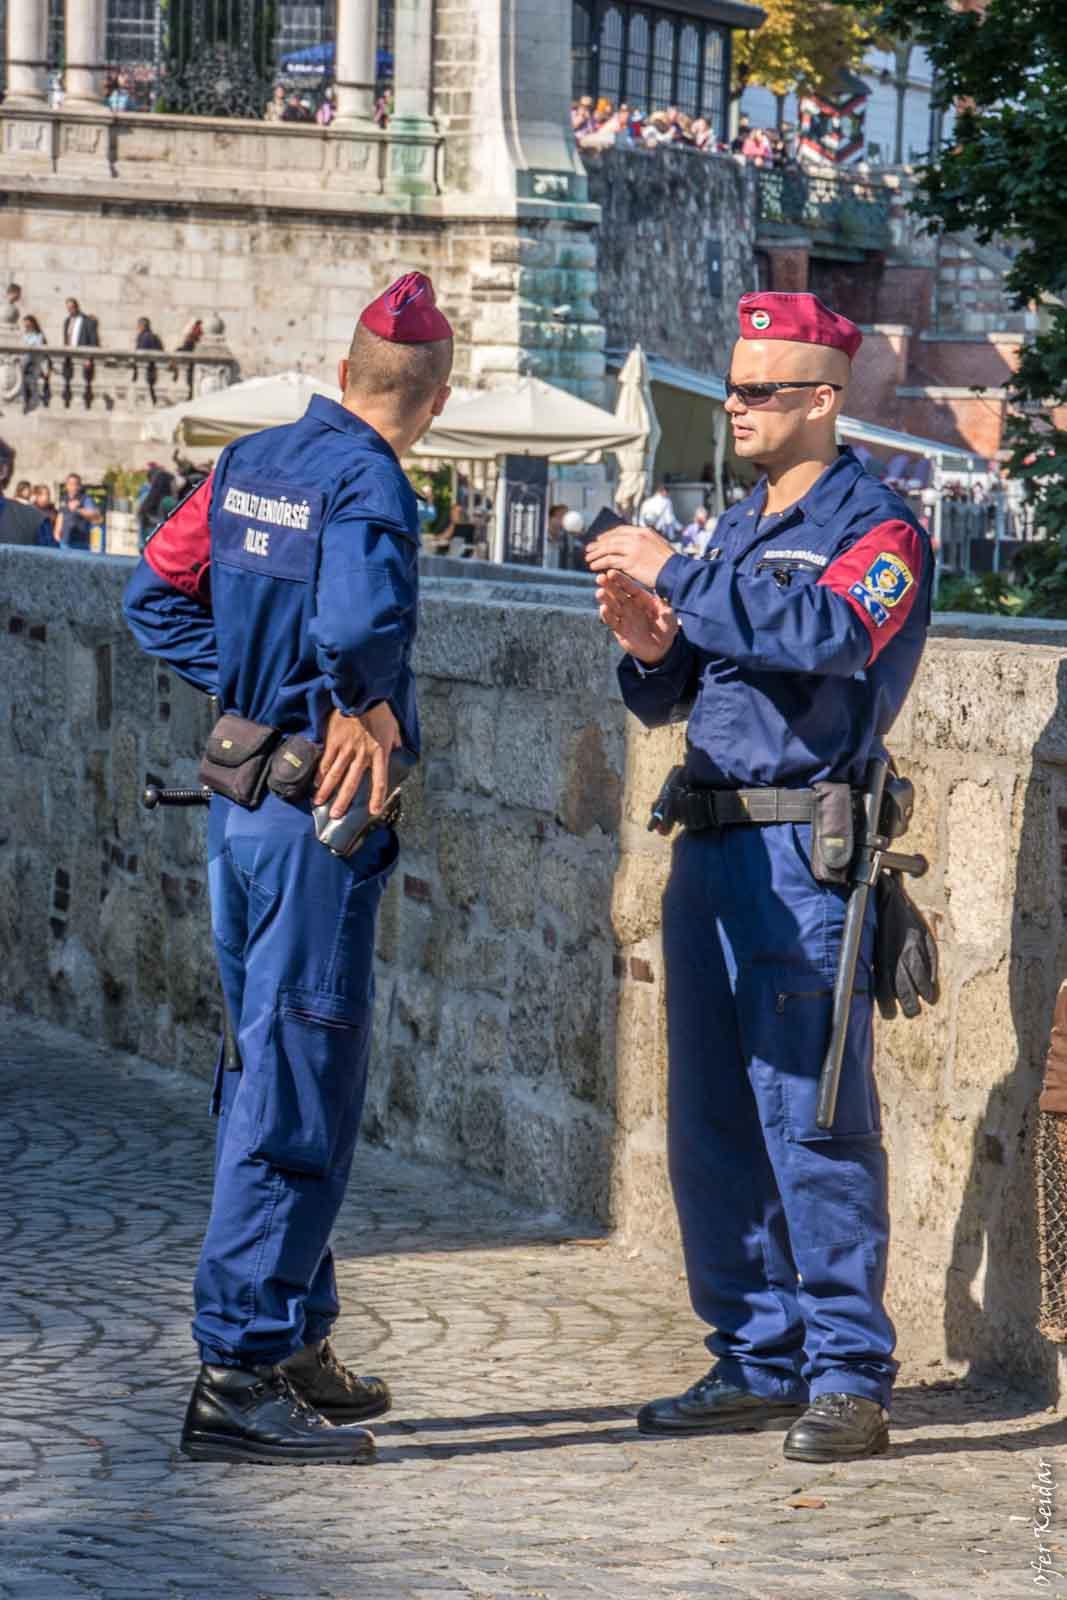 עוד גברים במדים - גבעת המצודה, בודפשט